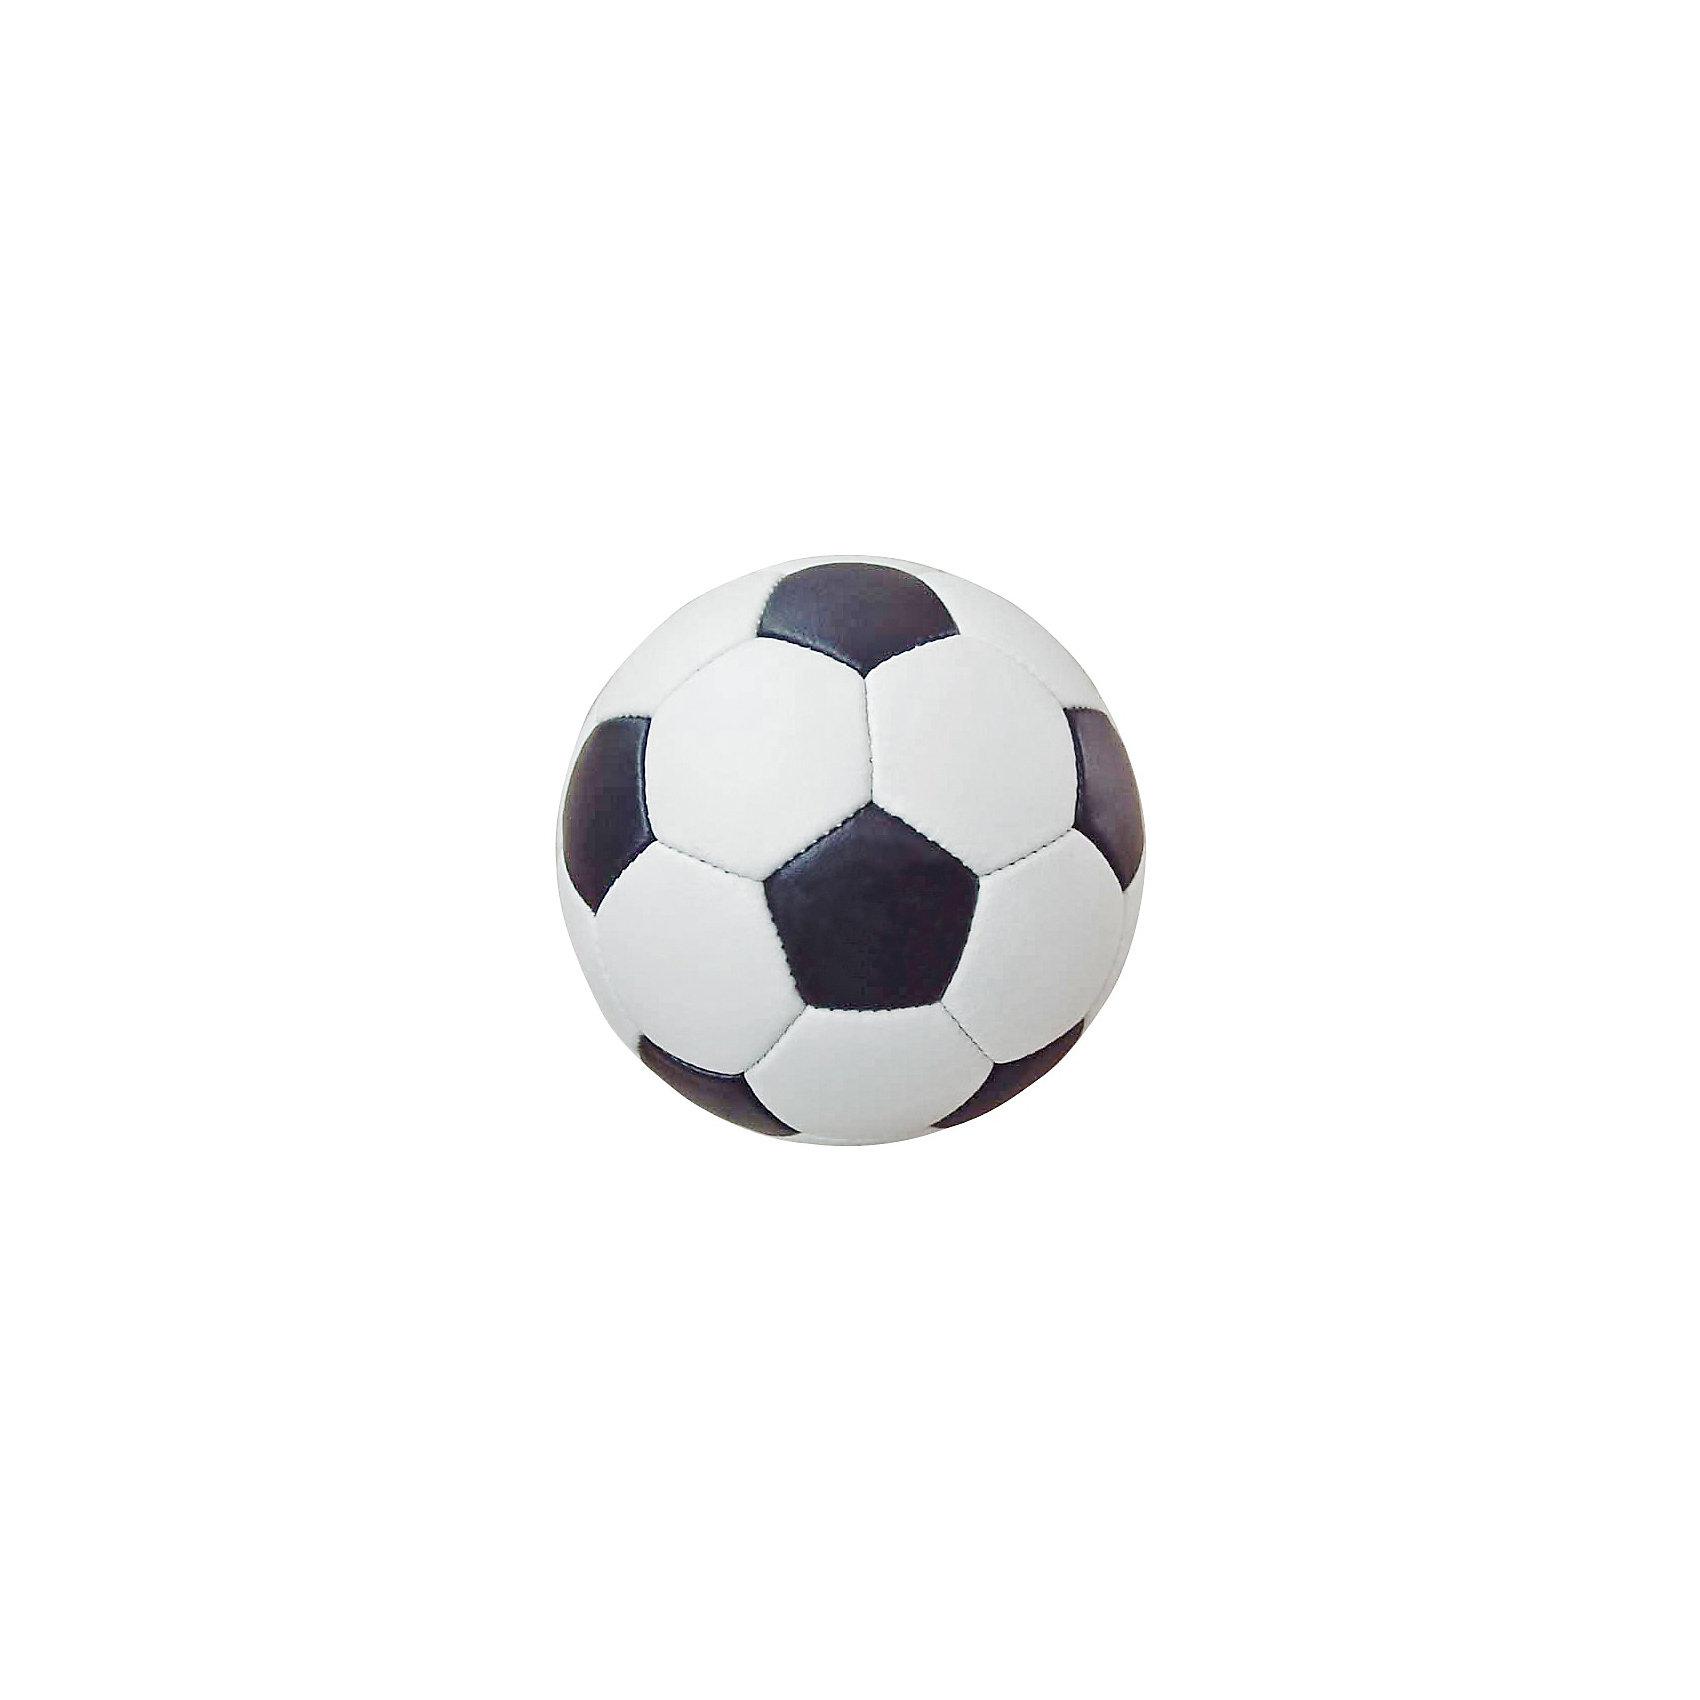 Ecos Мяч футбольный,  Ecos каком спортивном магазине в калуге можно подешевле коньки